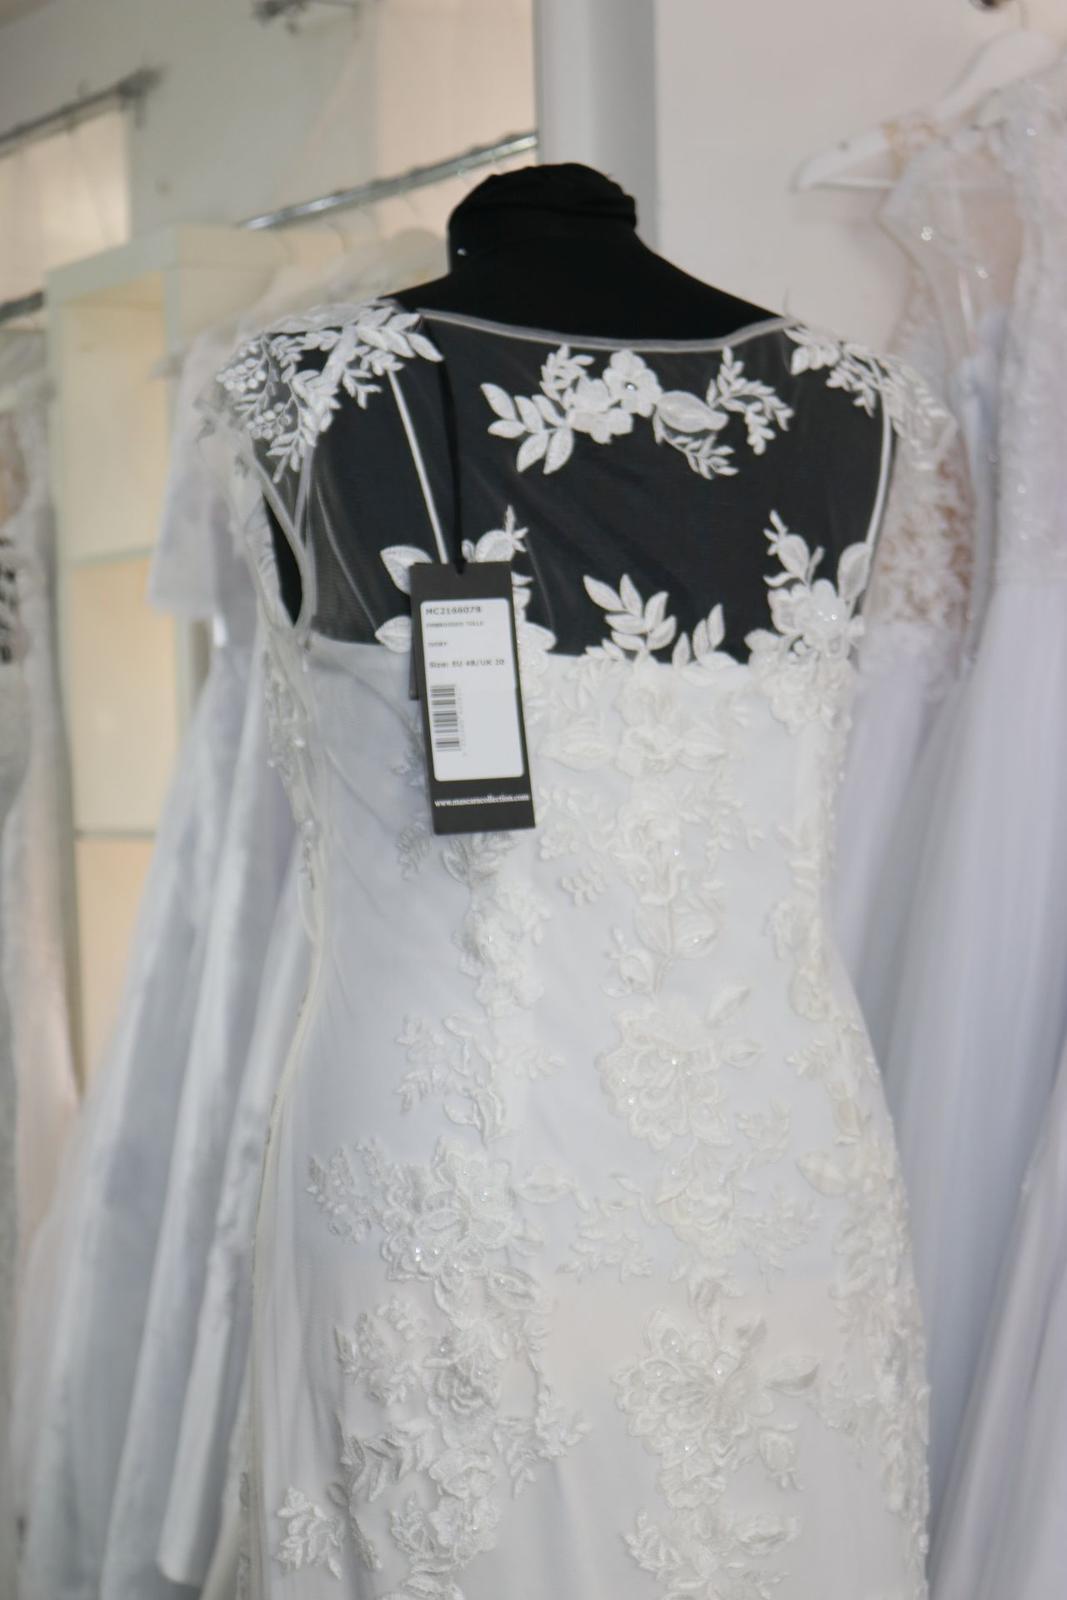 Nové svatební šaty krajkové vel. 46 - Obrázek č. 4